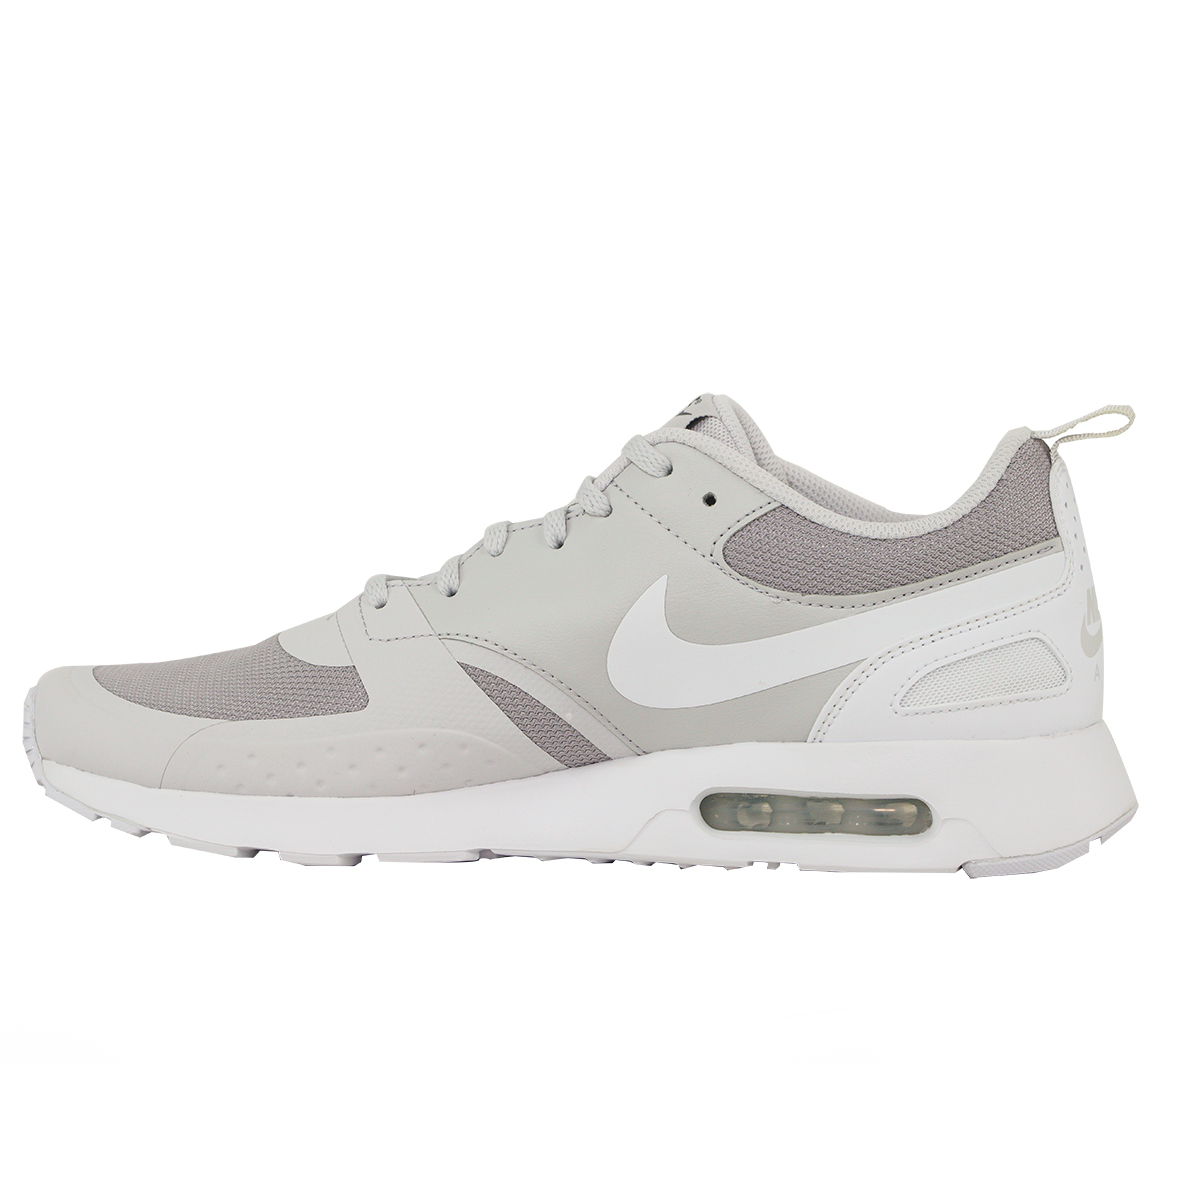 Nike-Men-039-s-Air-Max-Vision-Shoes thumbnail 6